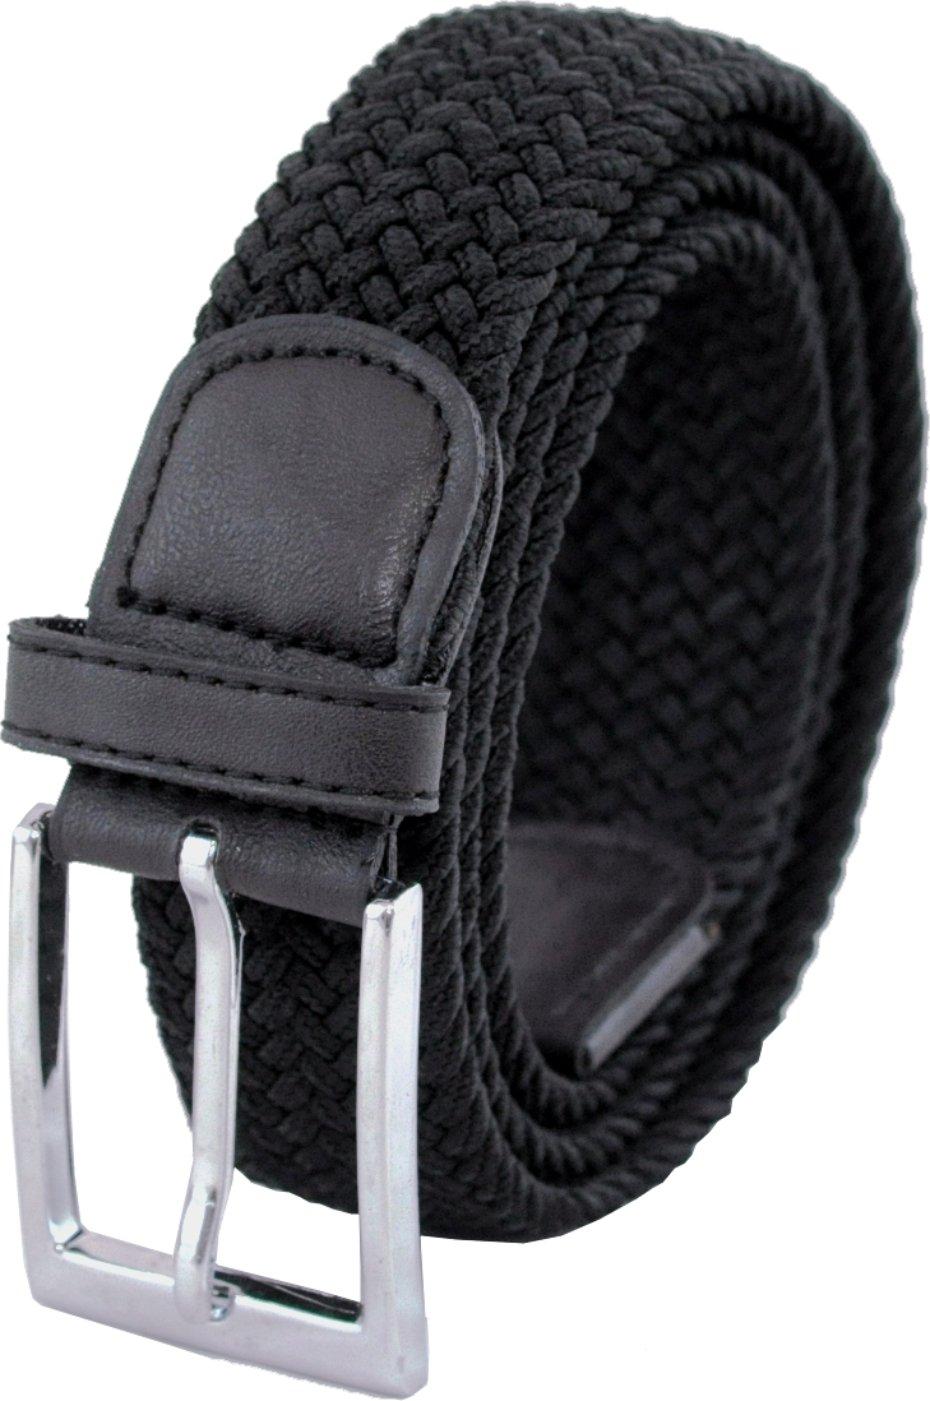 Ashford Ridge 33mm di cintura elastica per gli uomini - Nero o crema (81cm - 152cm)